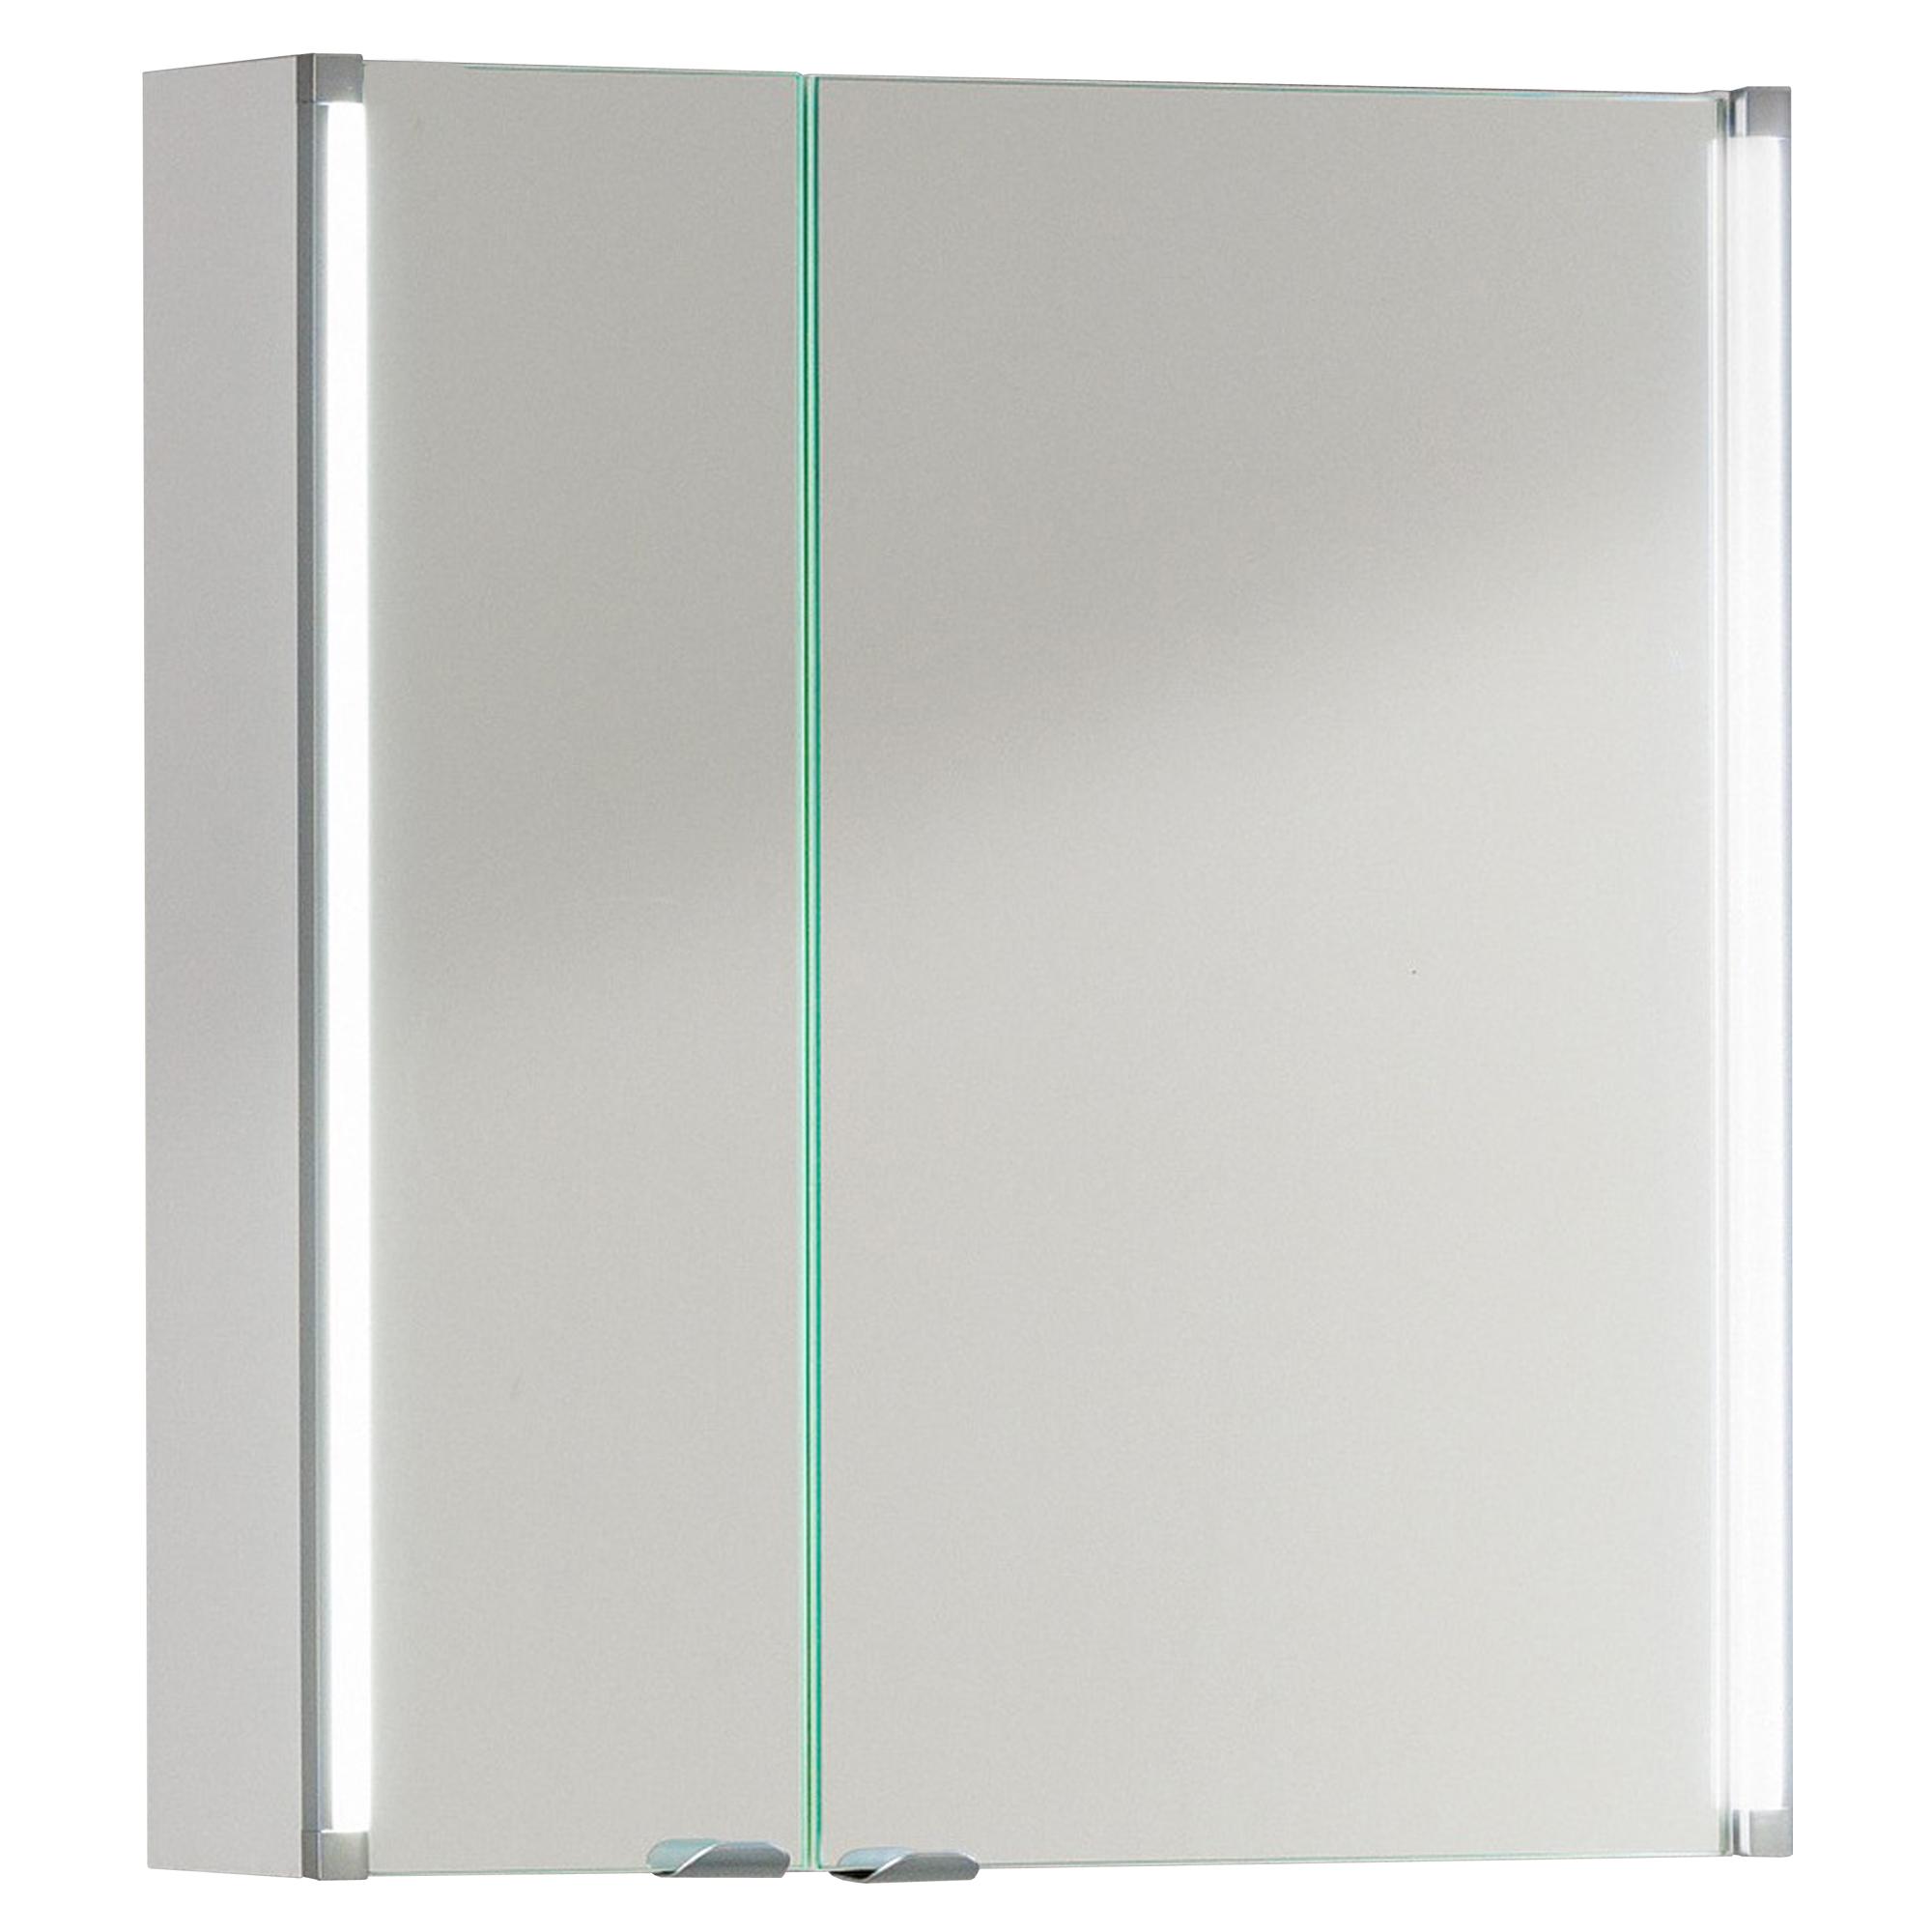 Spiegelschränke ǀ Toom Baumarkt